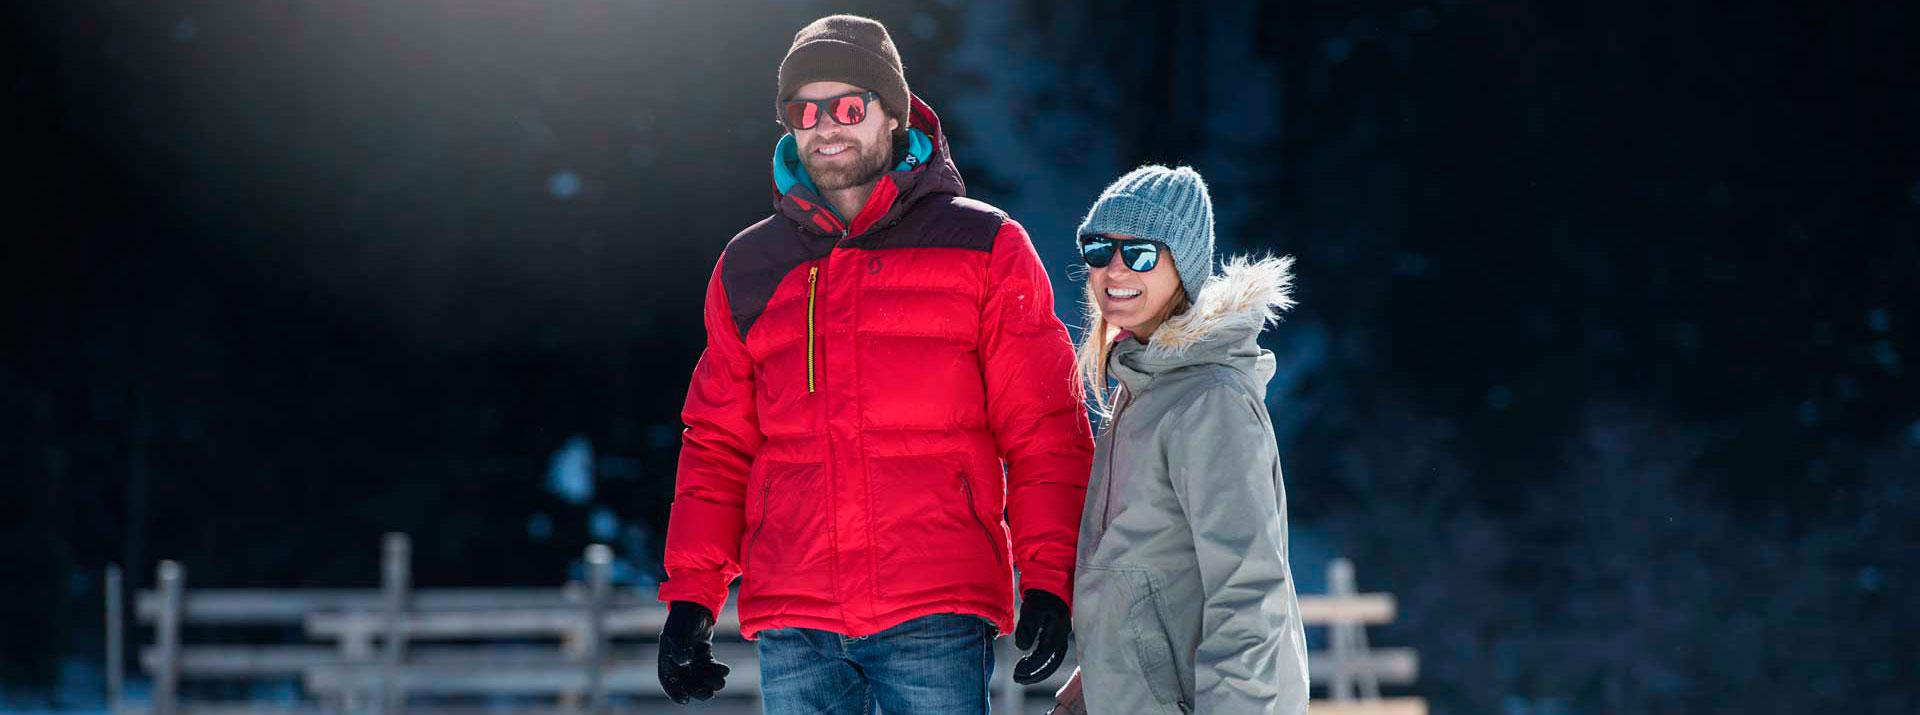 Winterurlaub im Stubaital - Winterwandern, Skifahren, Langlaufen und vieles mehr